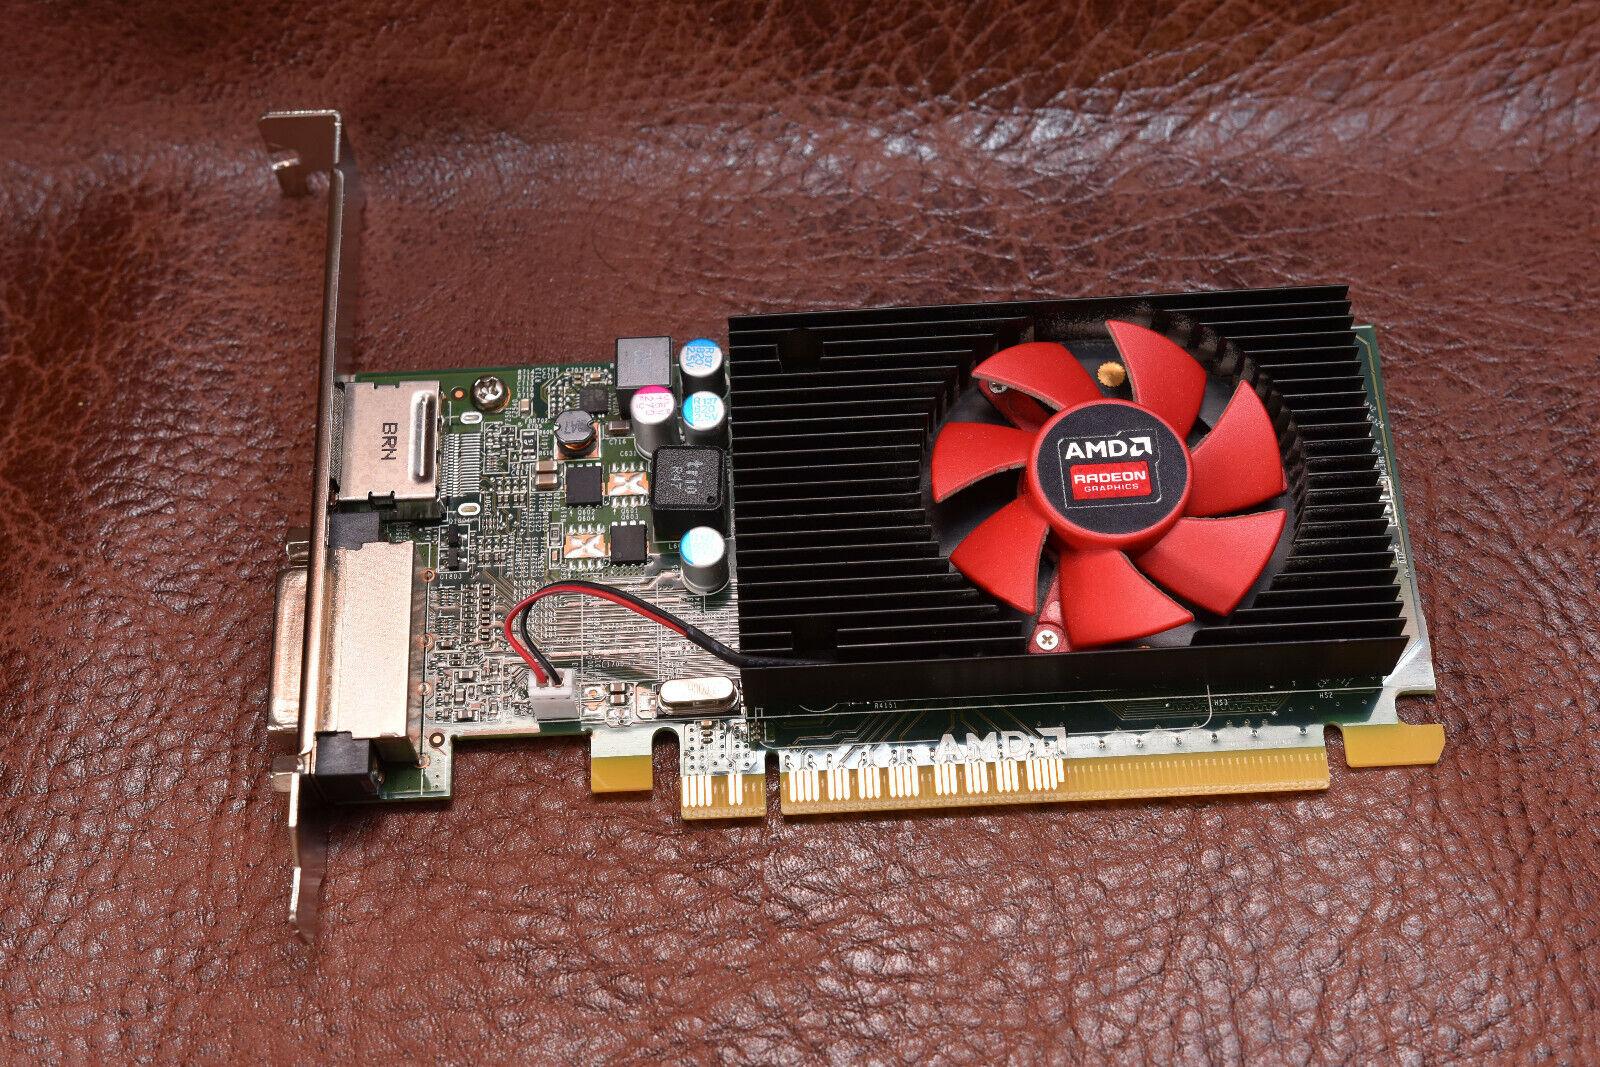 AMD Radeon R5 340X 2GB GDDR3 PCI-Express DVI DisplayPort Video Graphics Card RB1